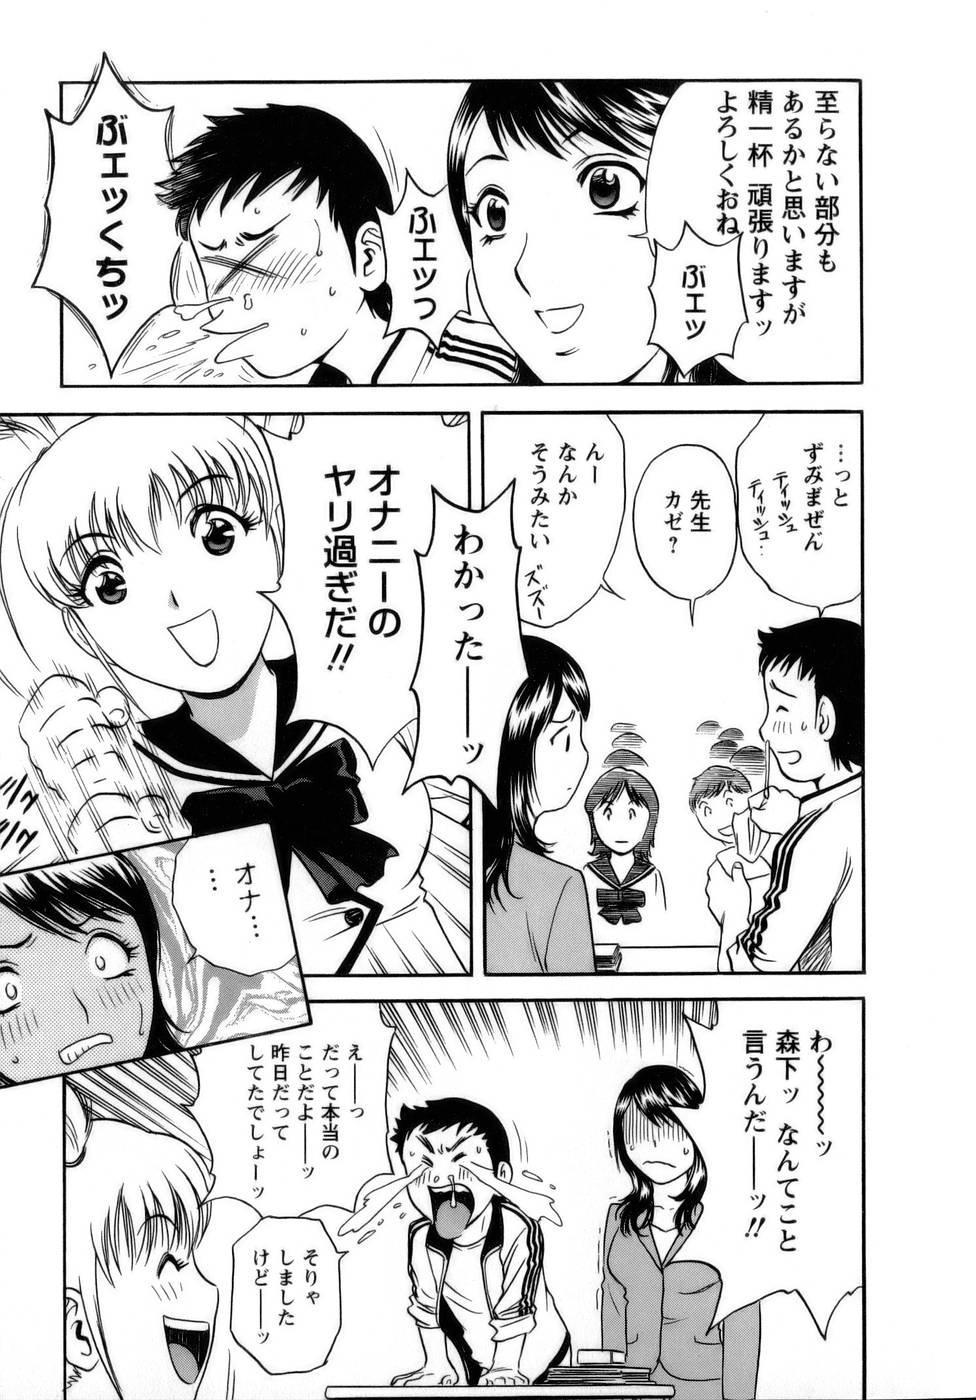 [Hidemaru] Mo-Retsu! Boin Sensei (Boing Boing Teacher) Vol.1 176